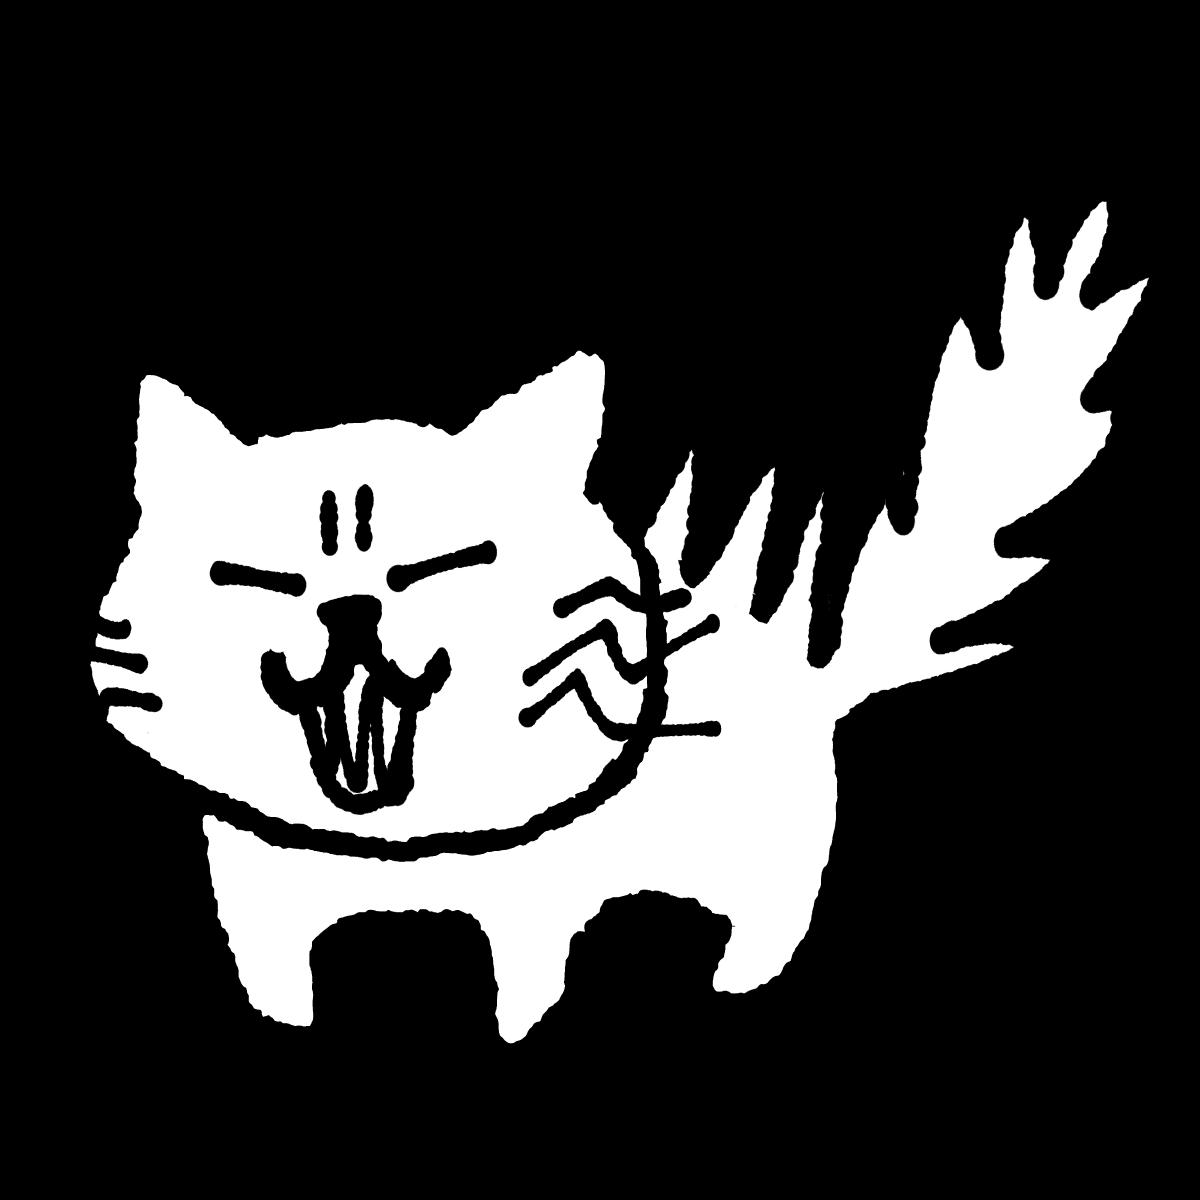 怒る猫のイラスト / Angry cat Illustration